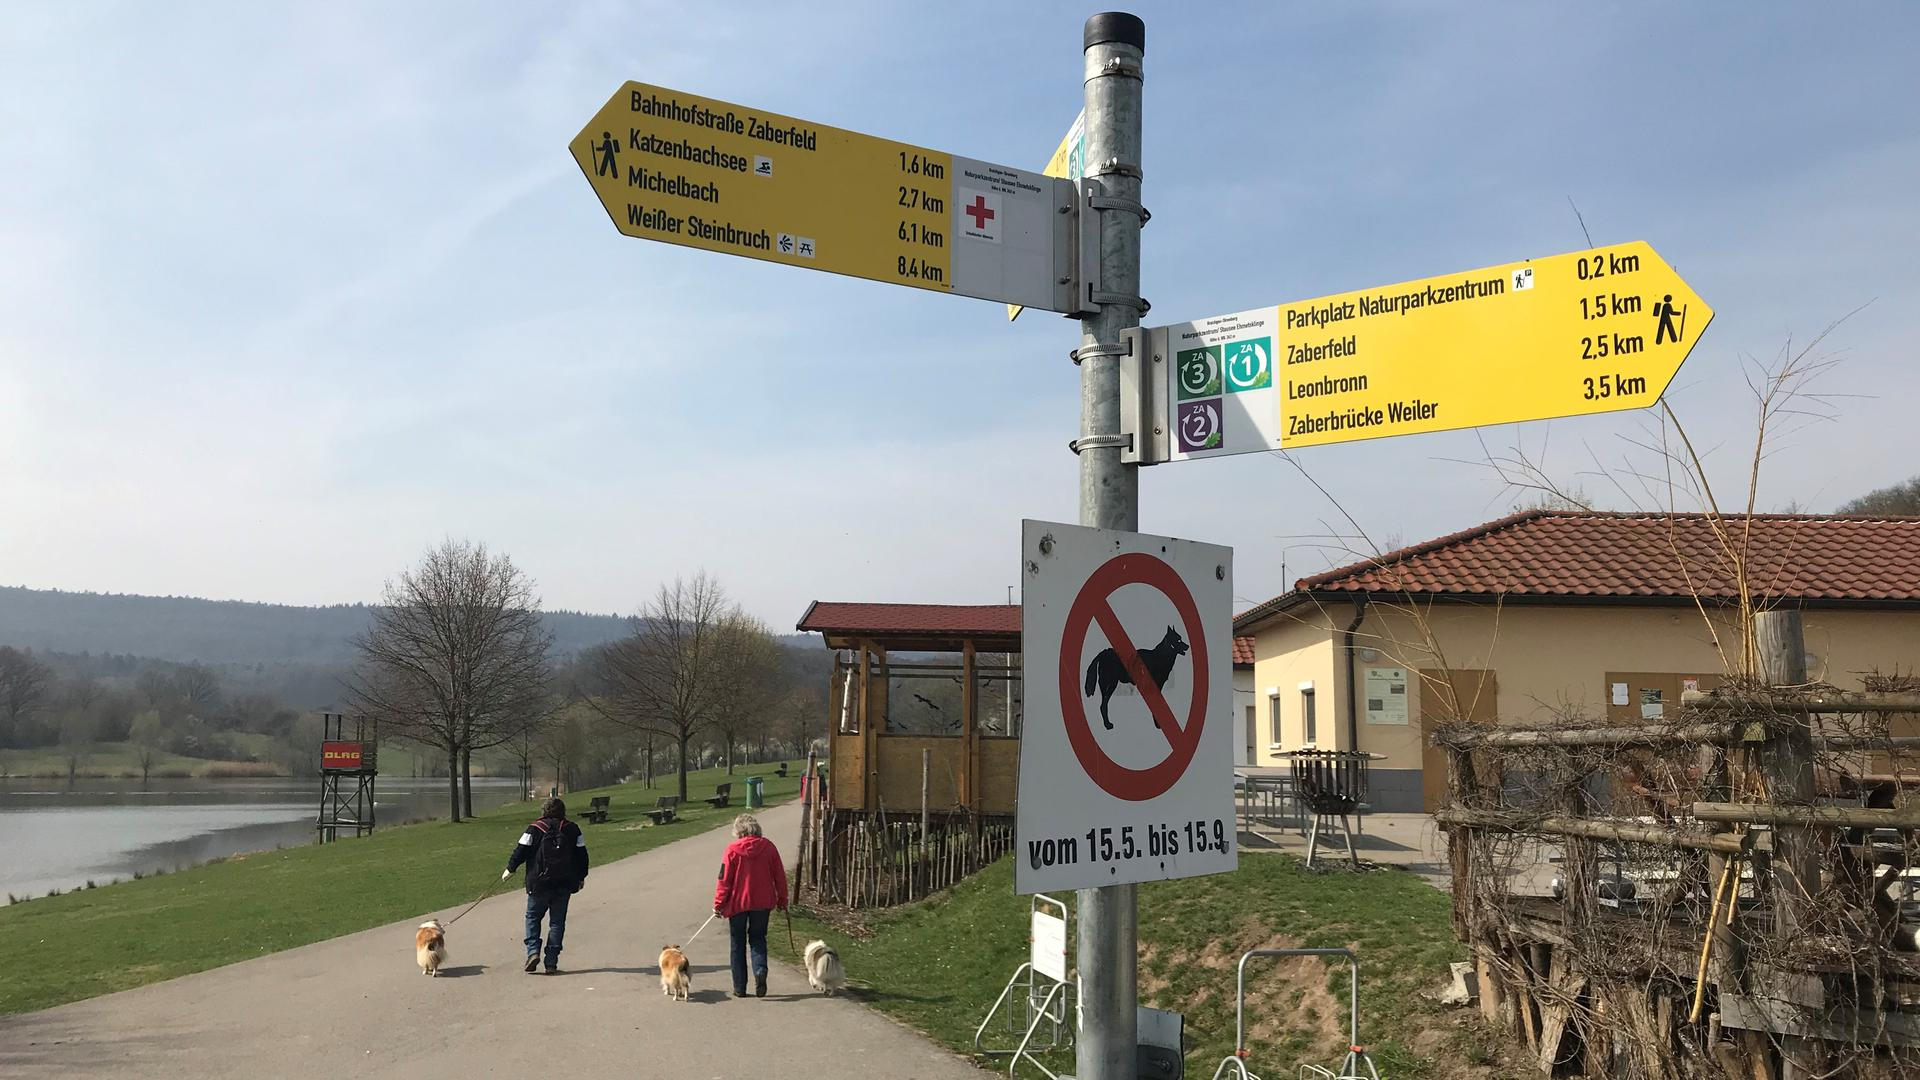 Eine einheitliche und übersichtliche Beschilderung soll den Naturfreunden in der Region Kraichgau-Stromberg-Heuchelberg die Lust am Wandern versüßen. Insgesamt 1000 Kilometer Wanderwege wurden neu ausgeschildert.